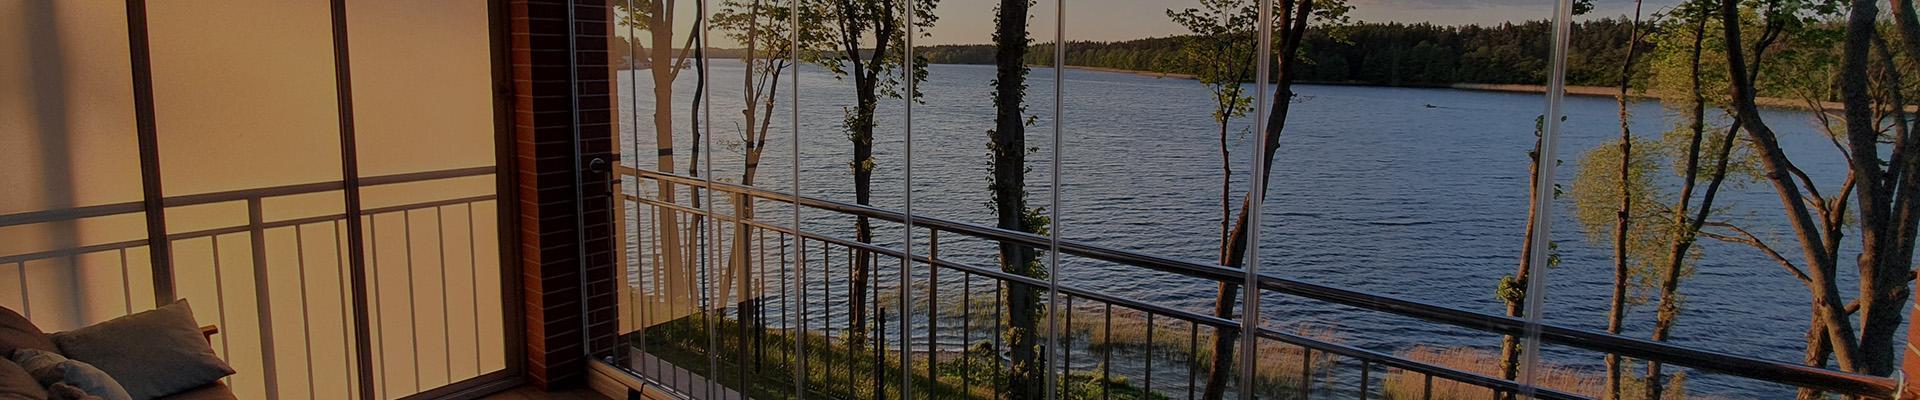 jezioro za oknem